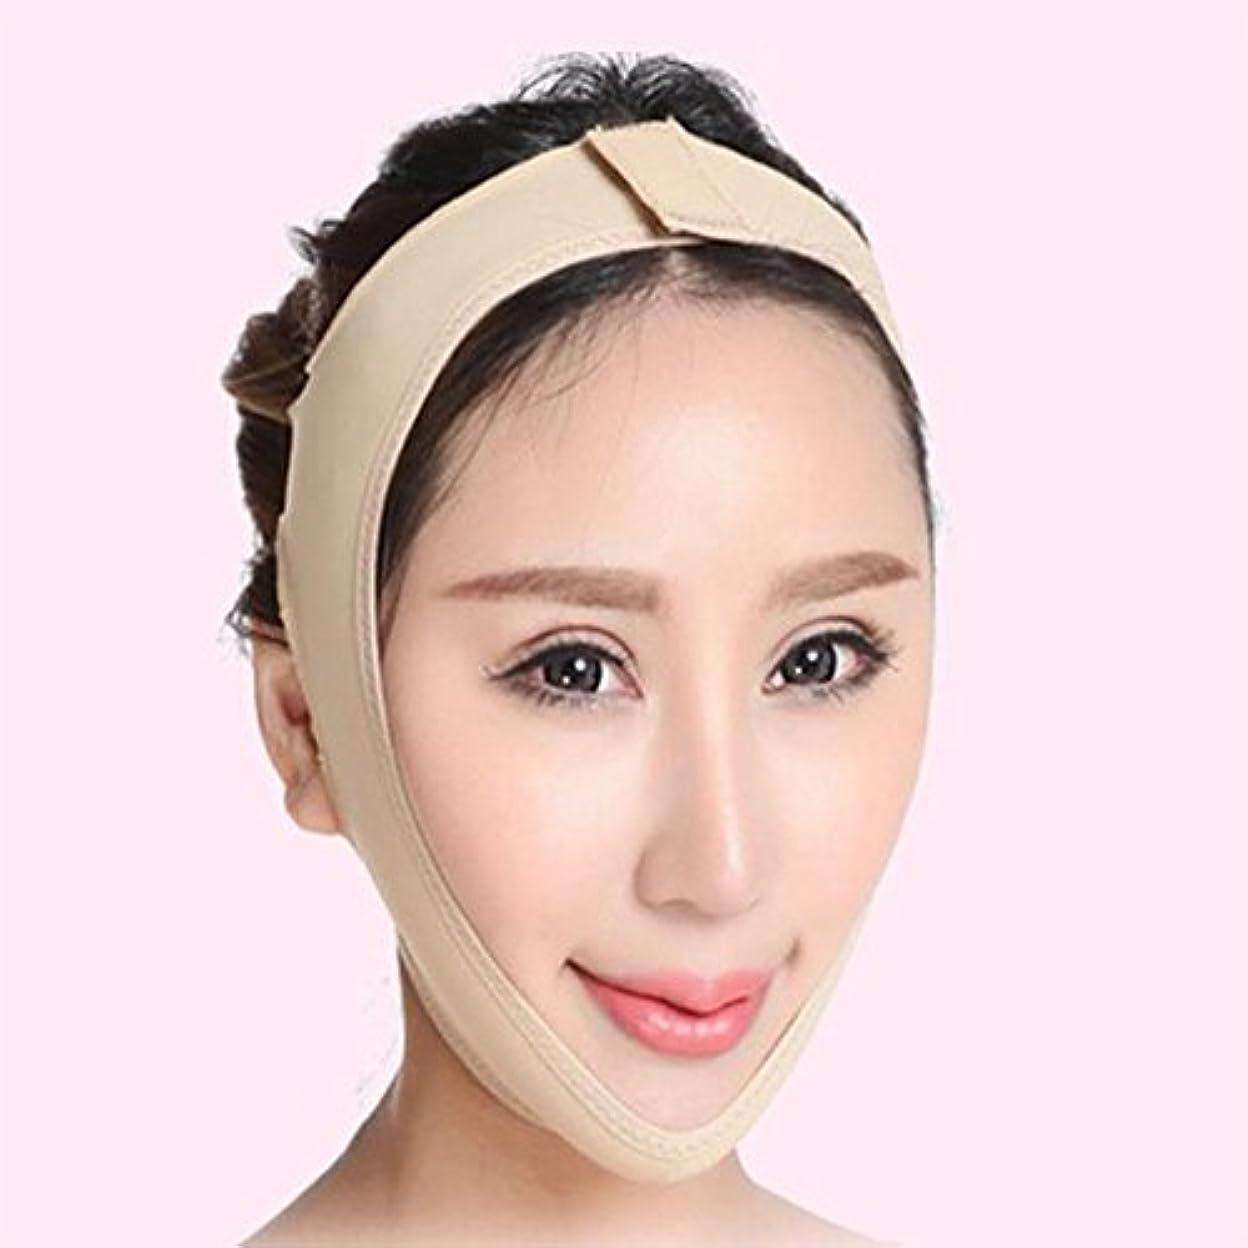 間欠バレエあたたかいSD 小顔 小顔マスク リフトアップ マスク フェイスライン 矯正 あご シャープ メンズ レディース Sサイズ AZD15003-S